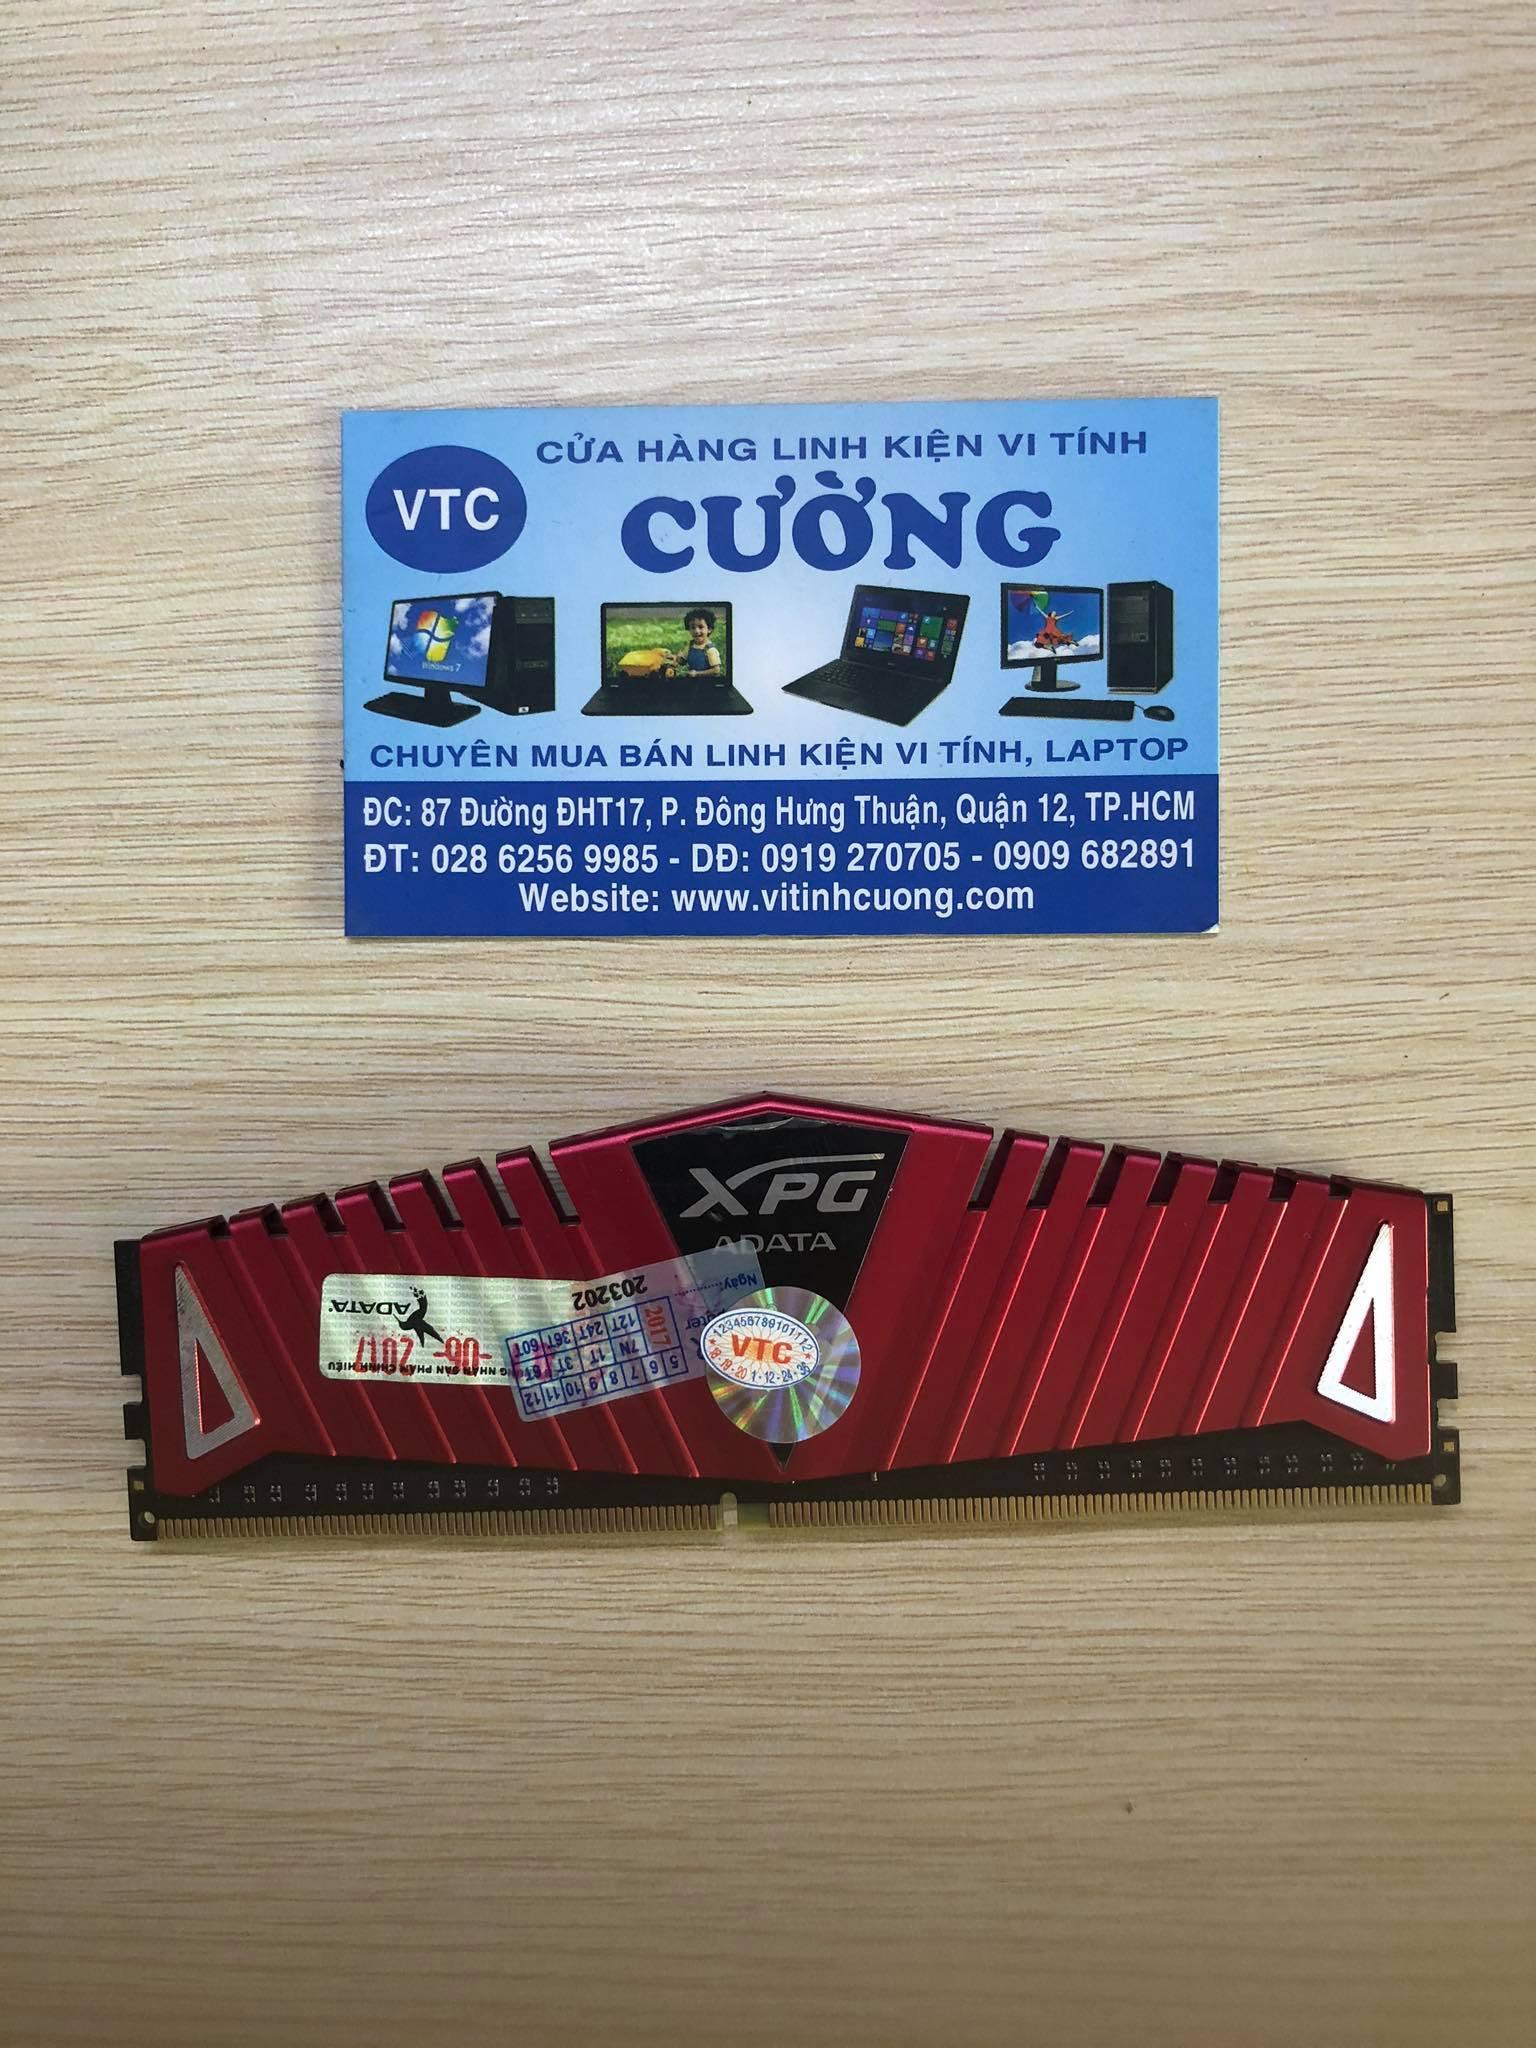 Ram DDR4 XPG Adata 4Gb buss 2400